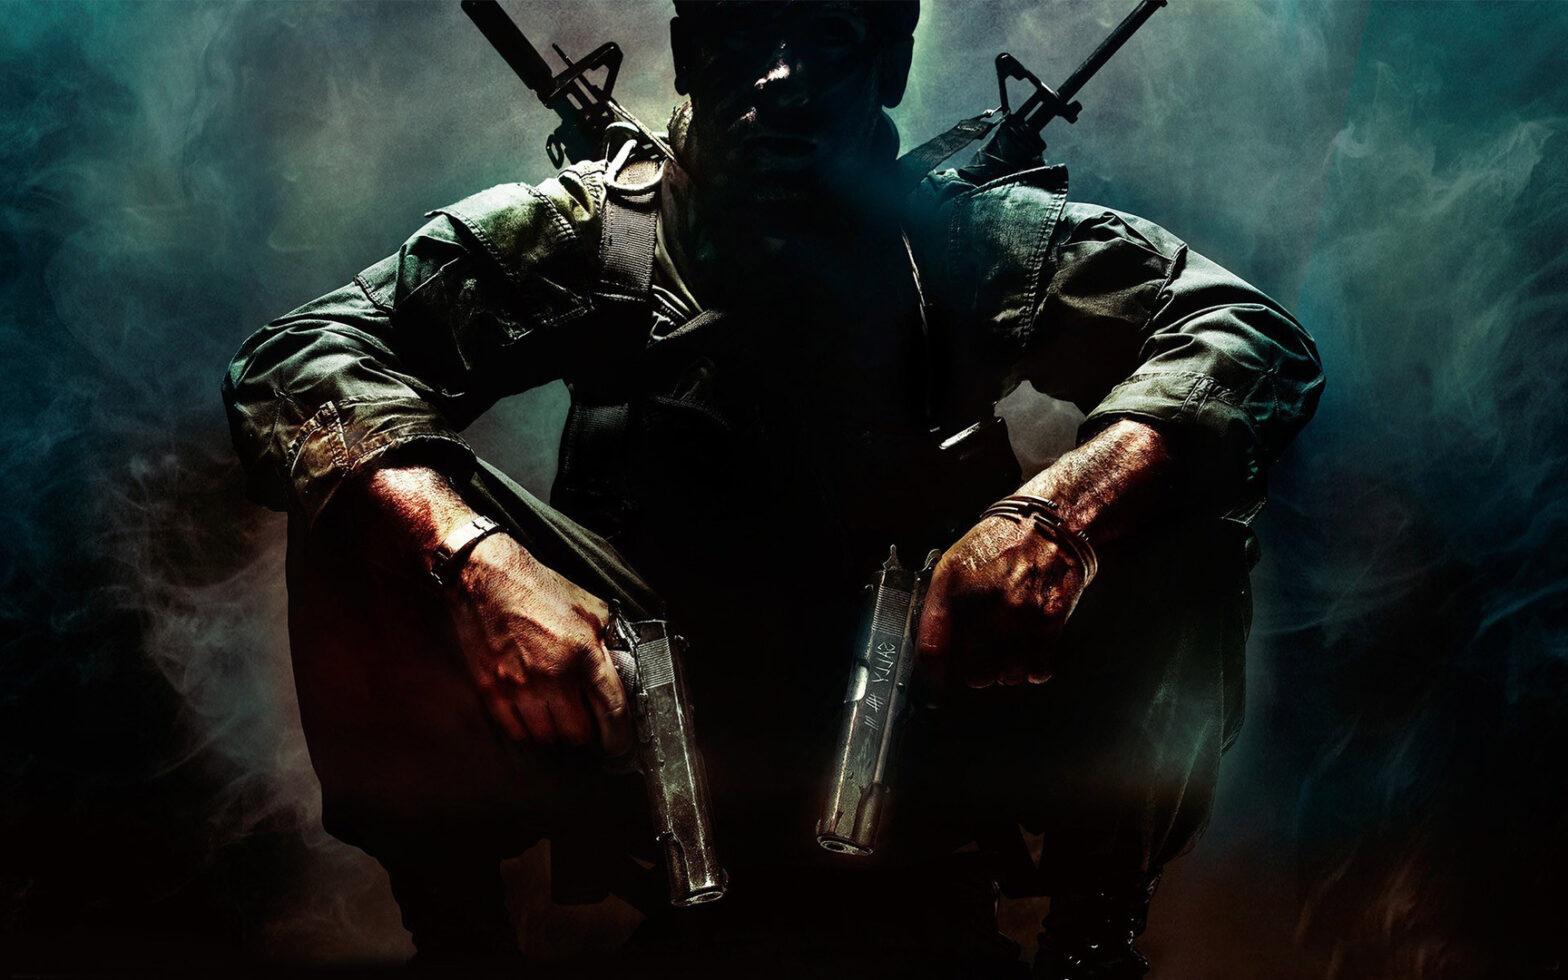 Anzeichen für Call of Duty: Black Ops 3 aufgetaucht